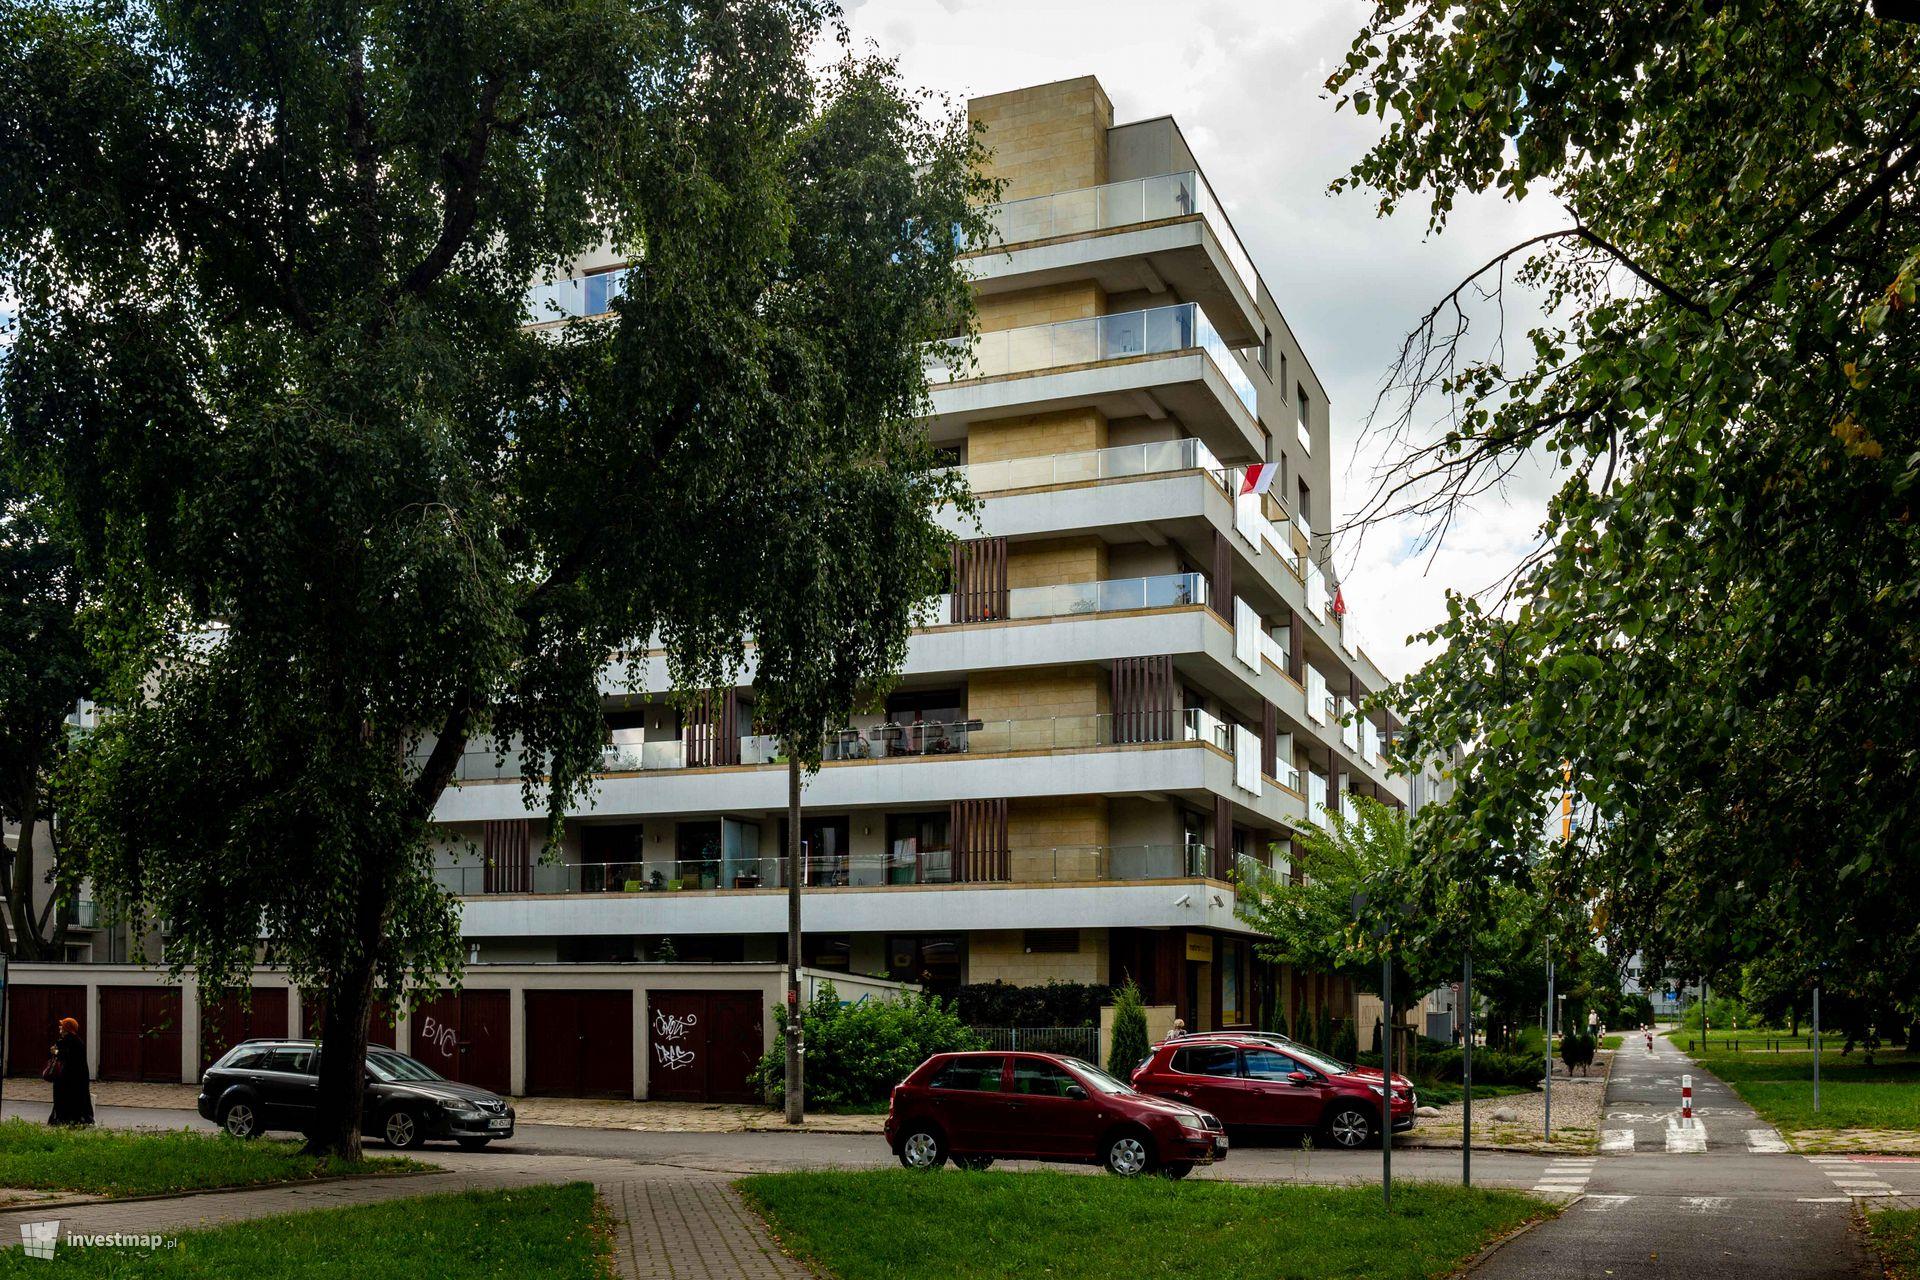 Perzyńskiego 20